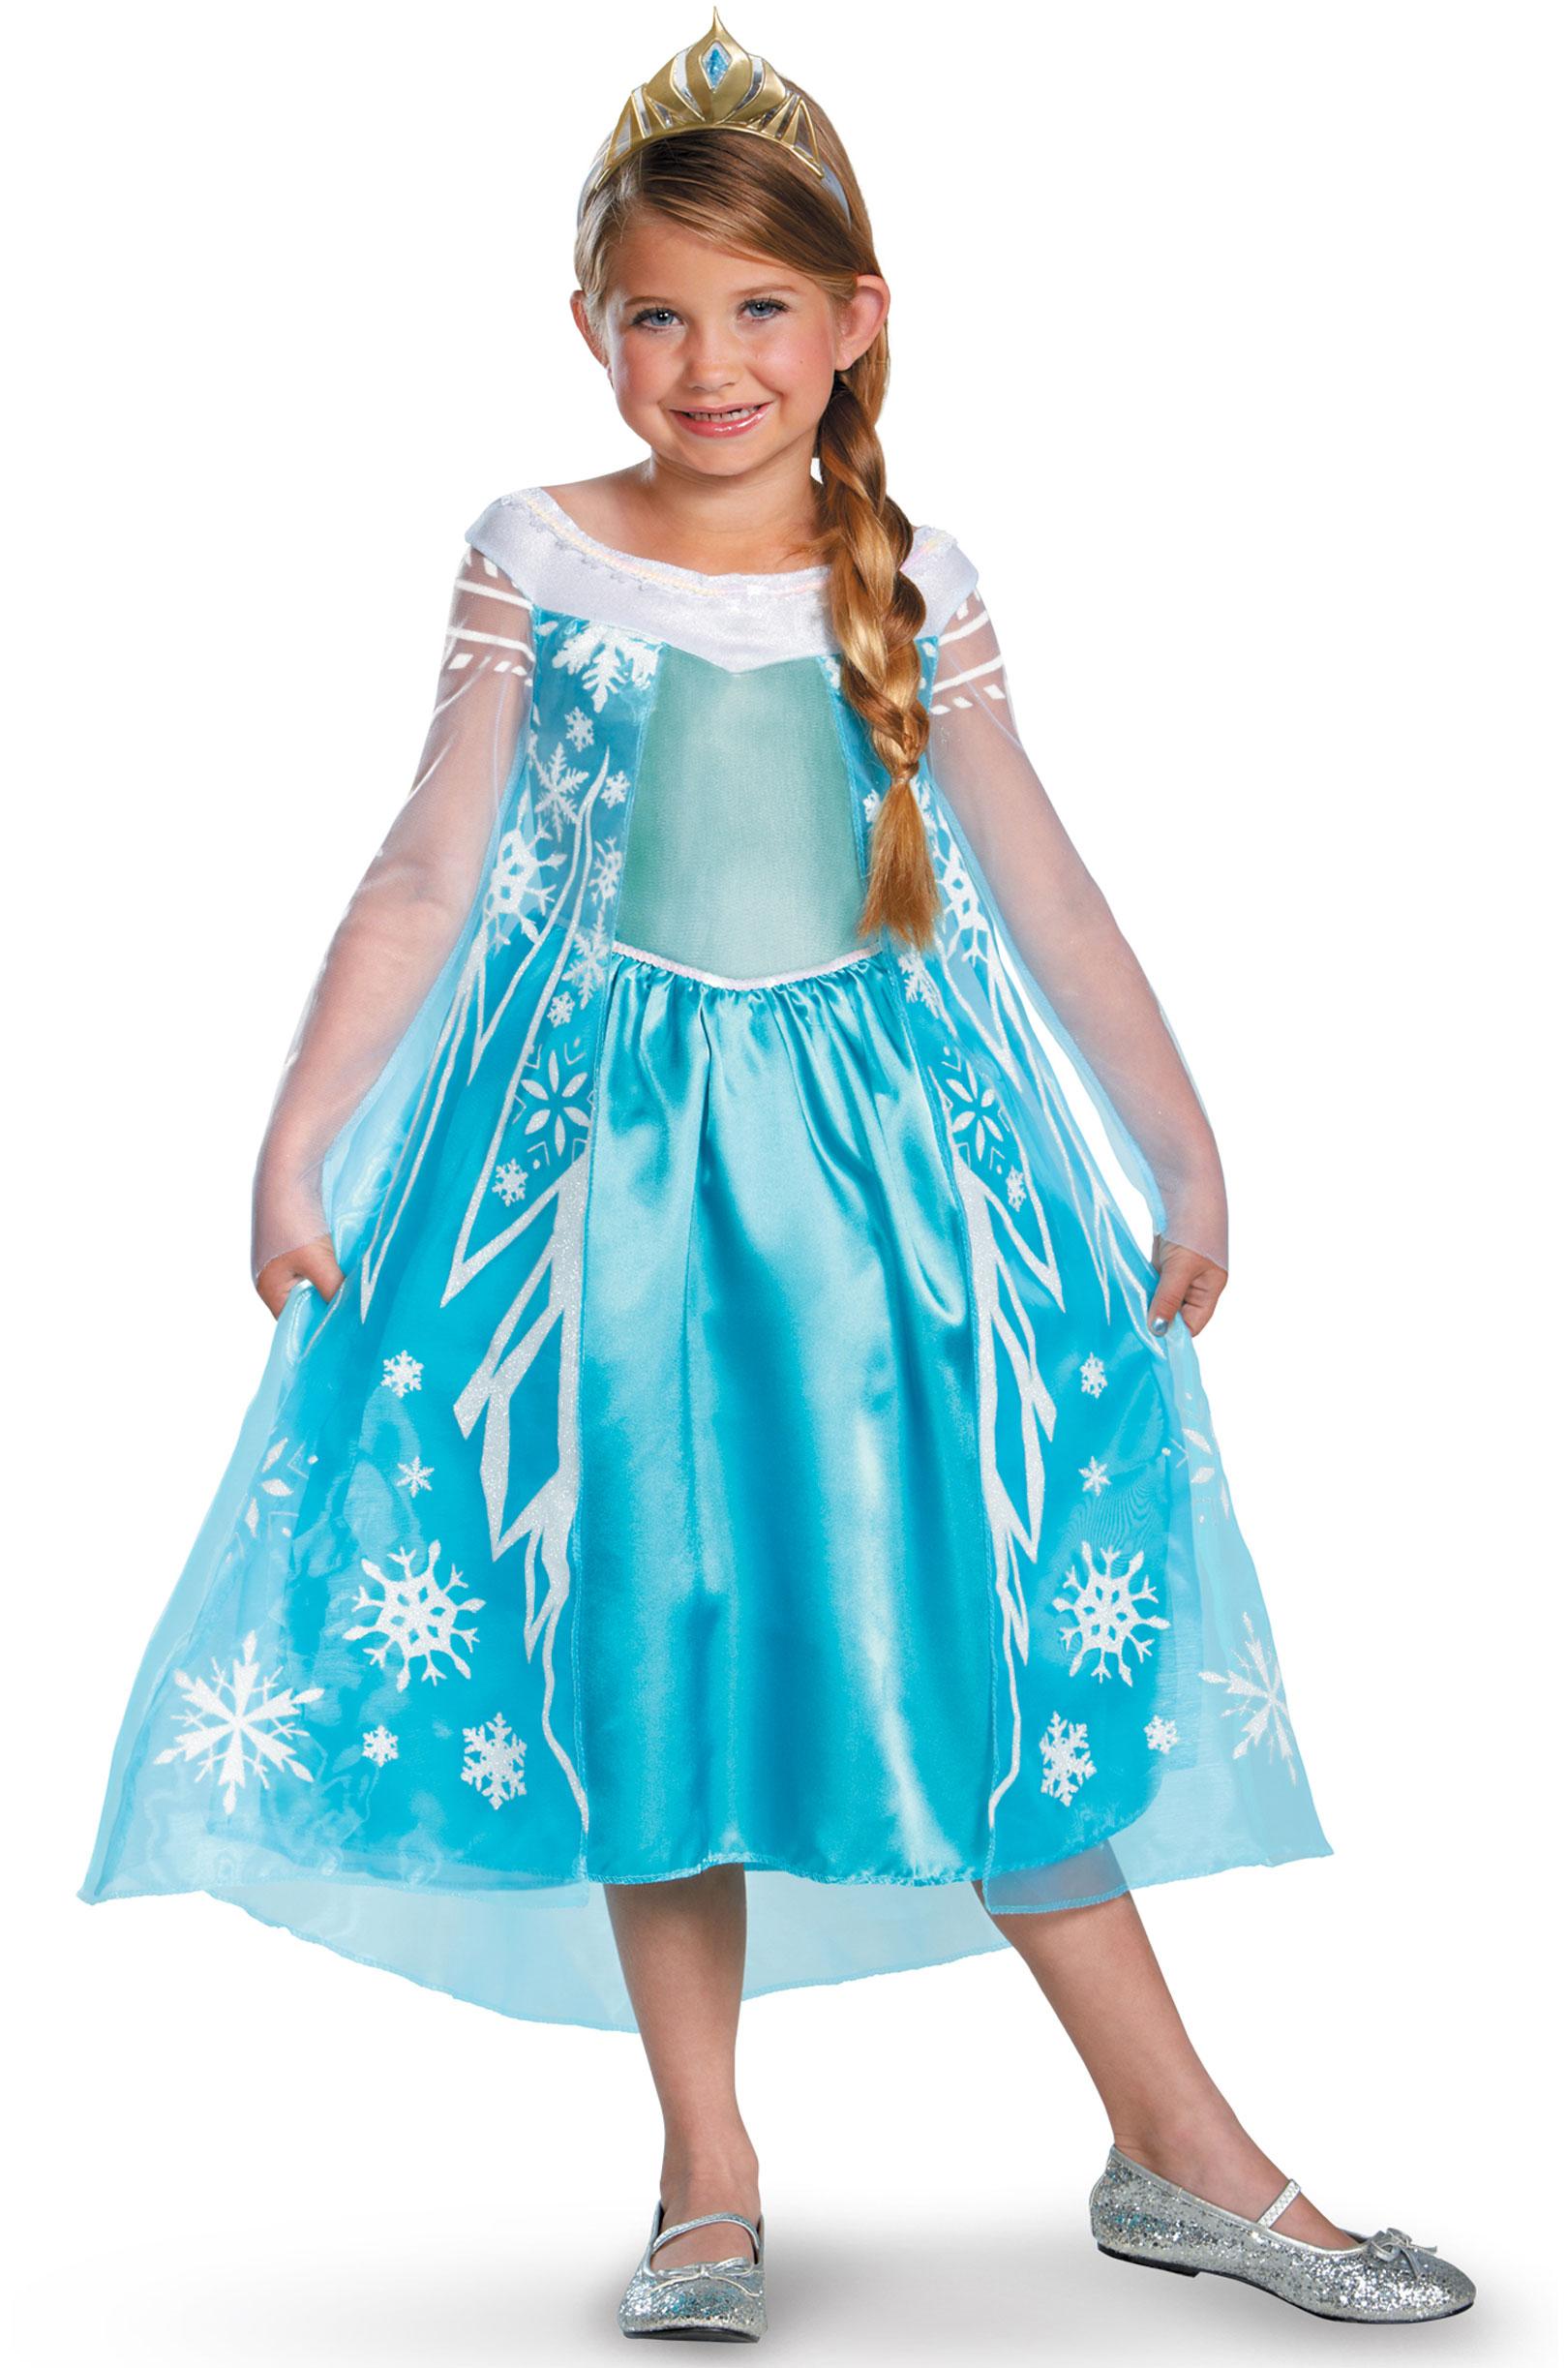 Как сделать платье на новый год для девочки